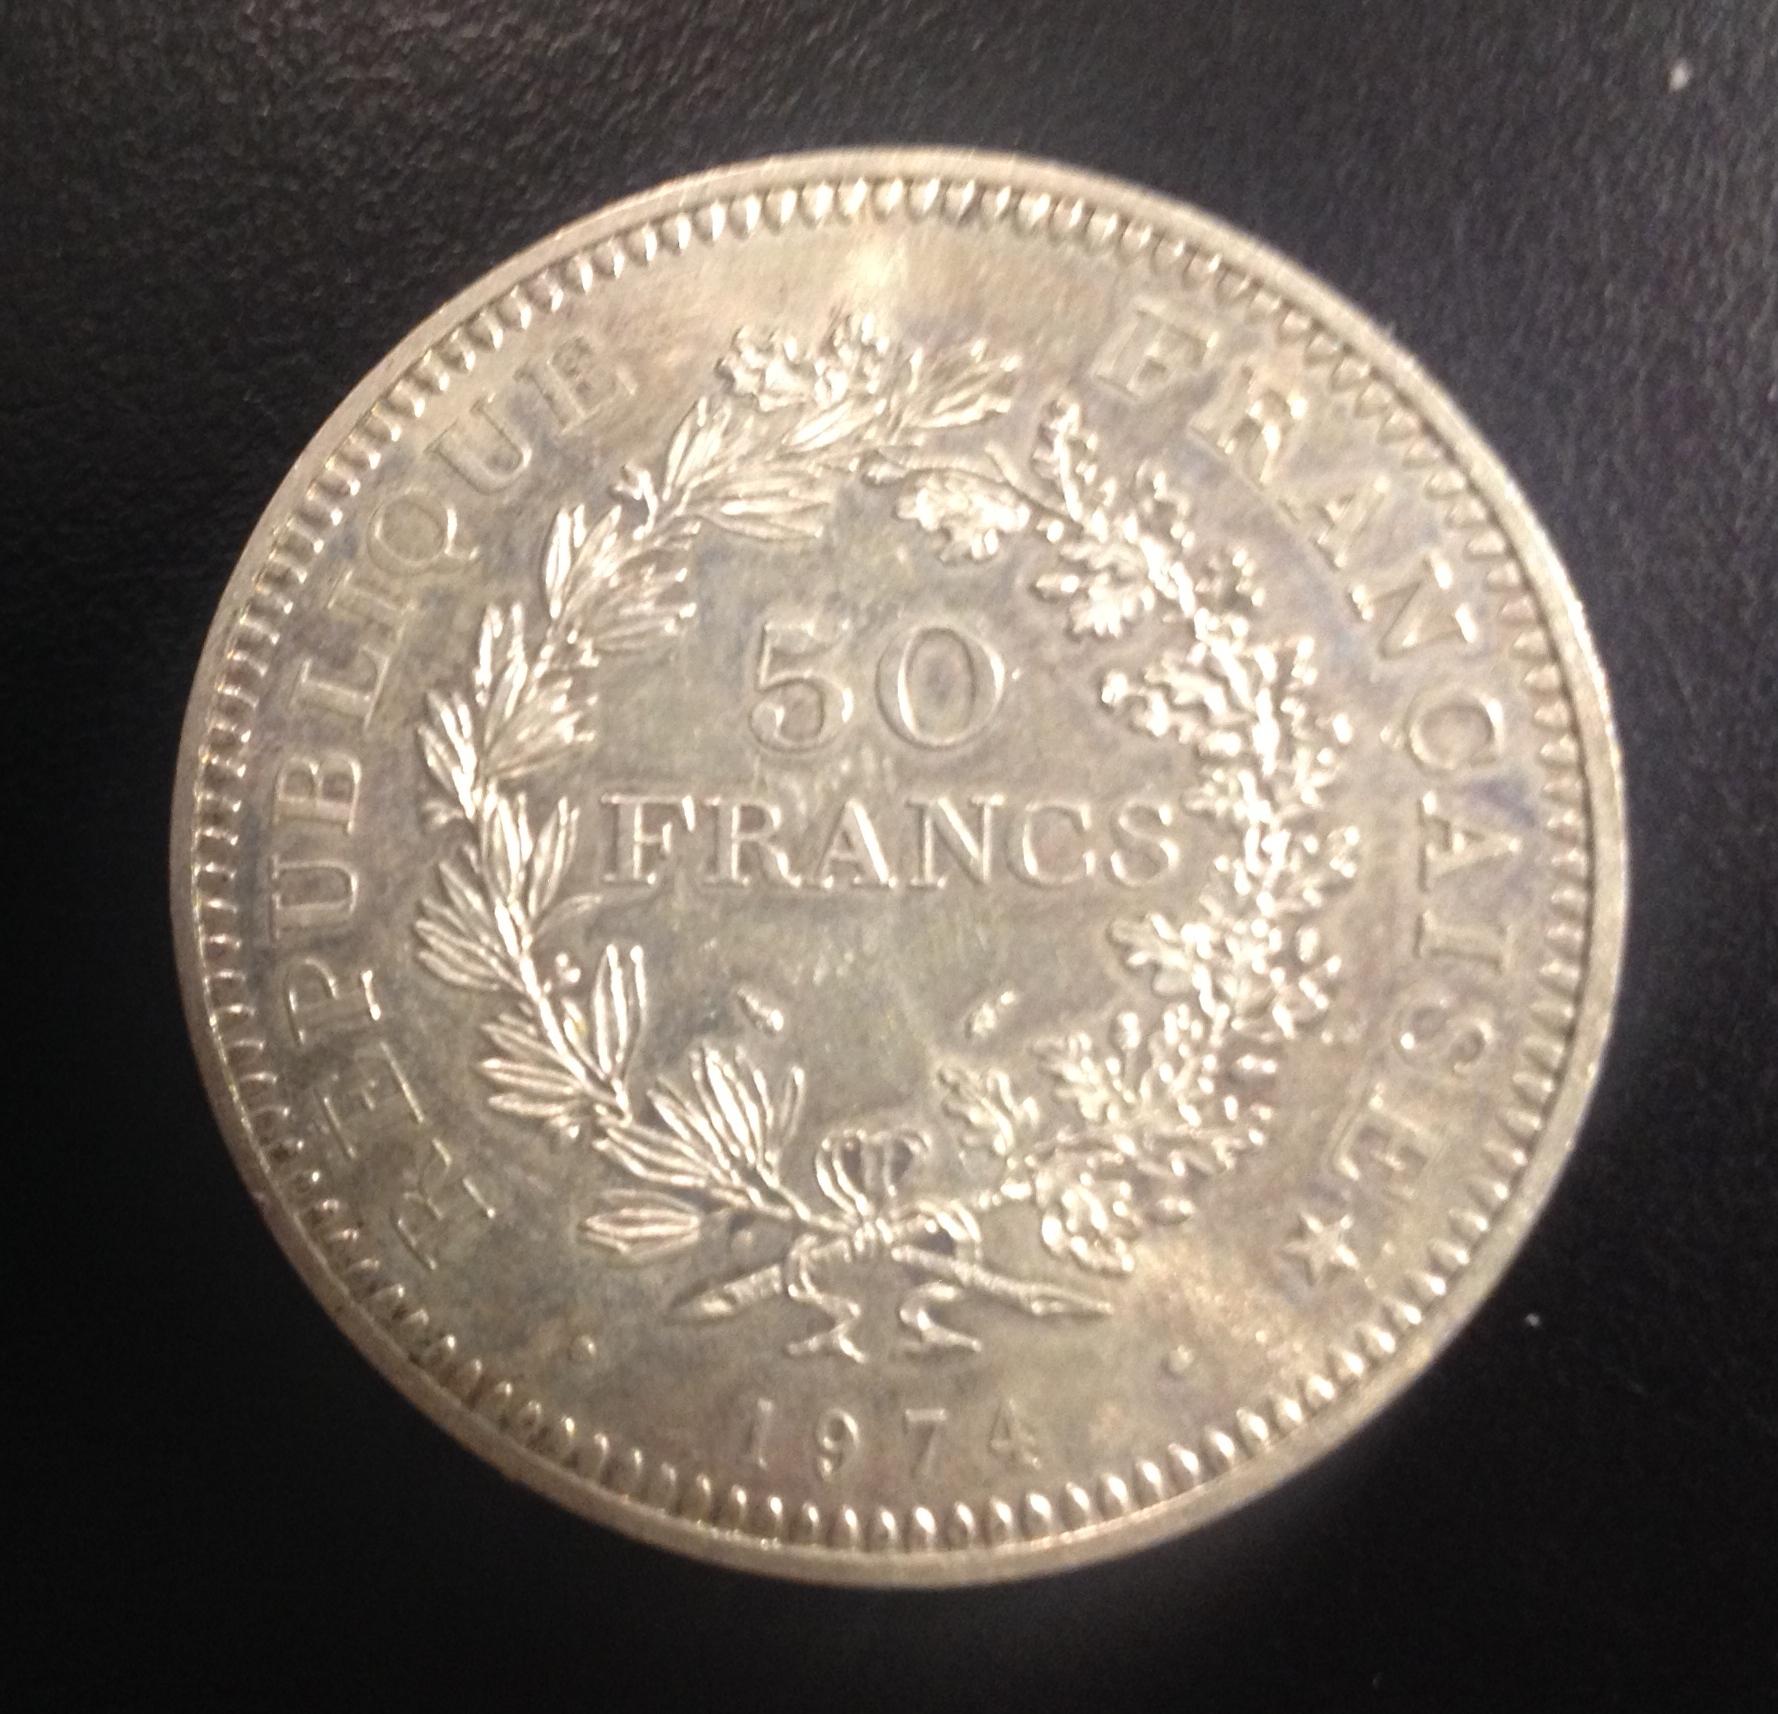 Lot de 5 pièce de 50 Francs 1974 argent